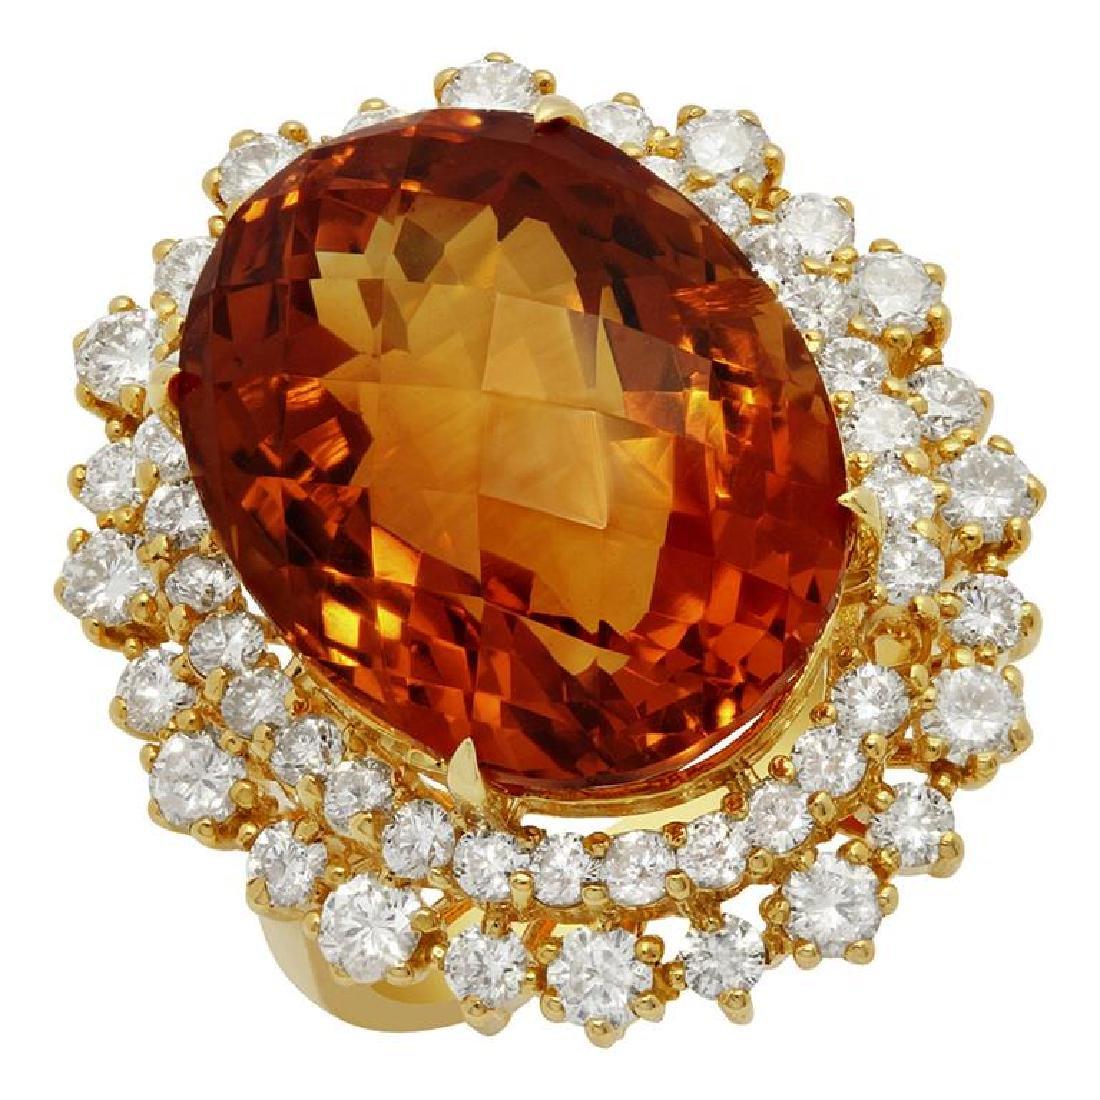 14k Yellow Gold 18.21ct Citrine 2.089ct Diamond Ring